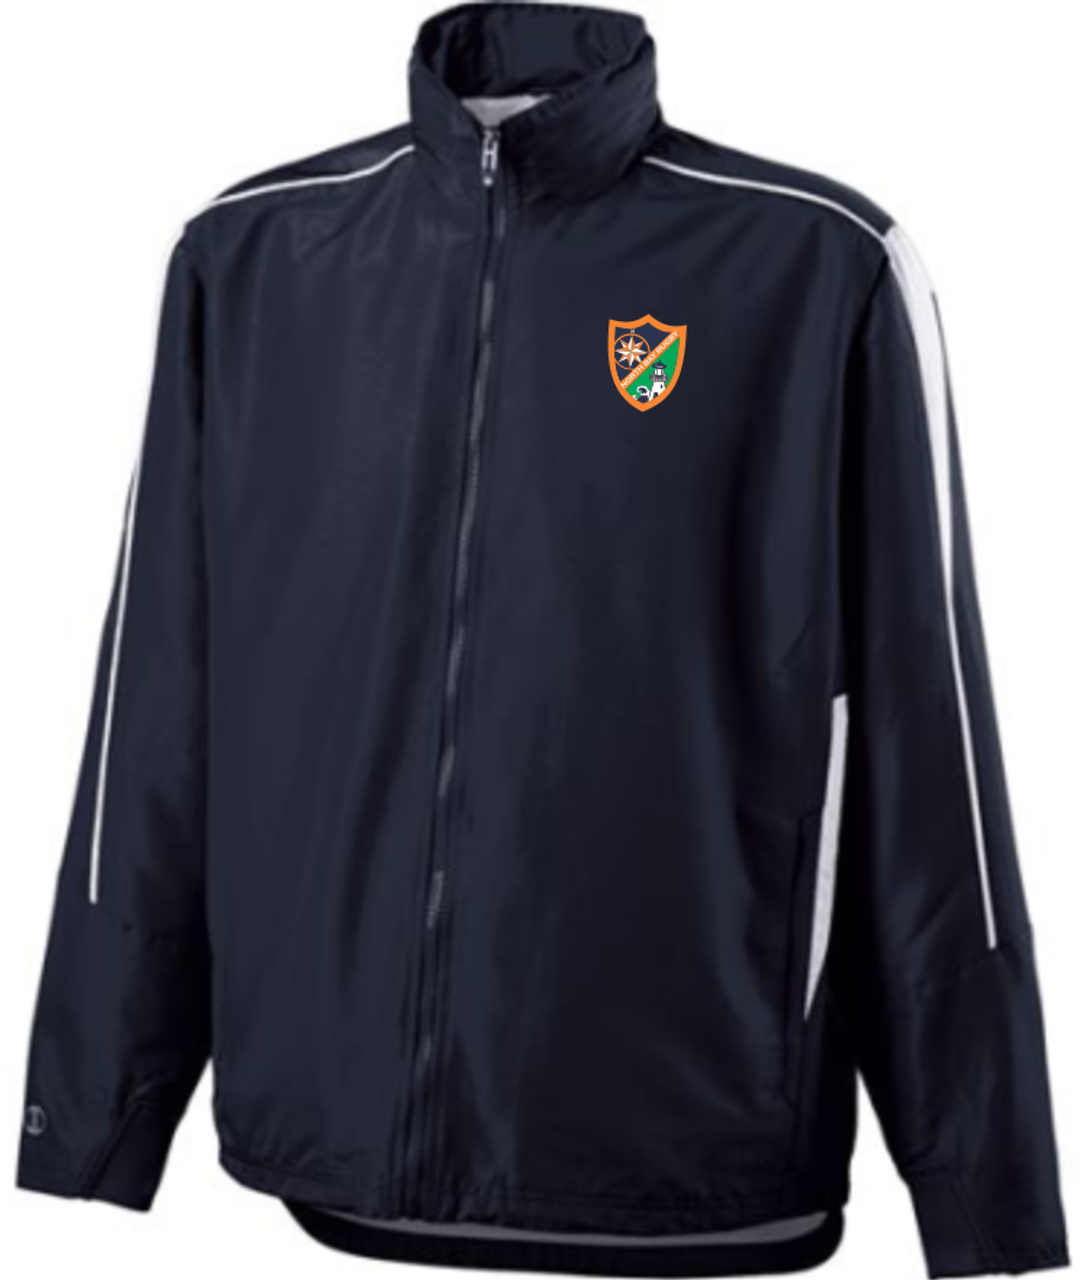 North Bay RFC Warm-Up Jacket